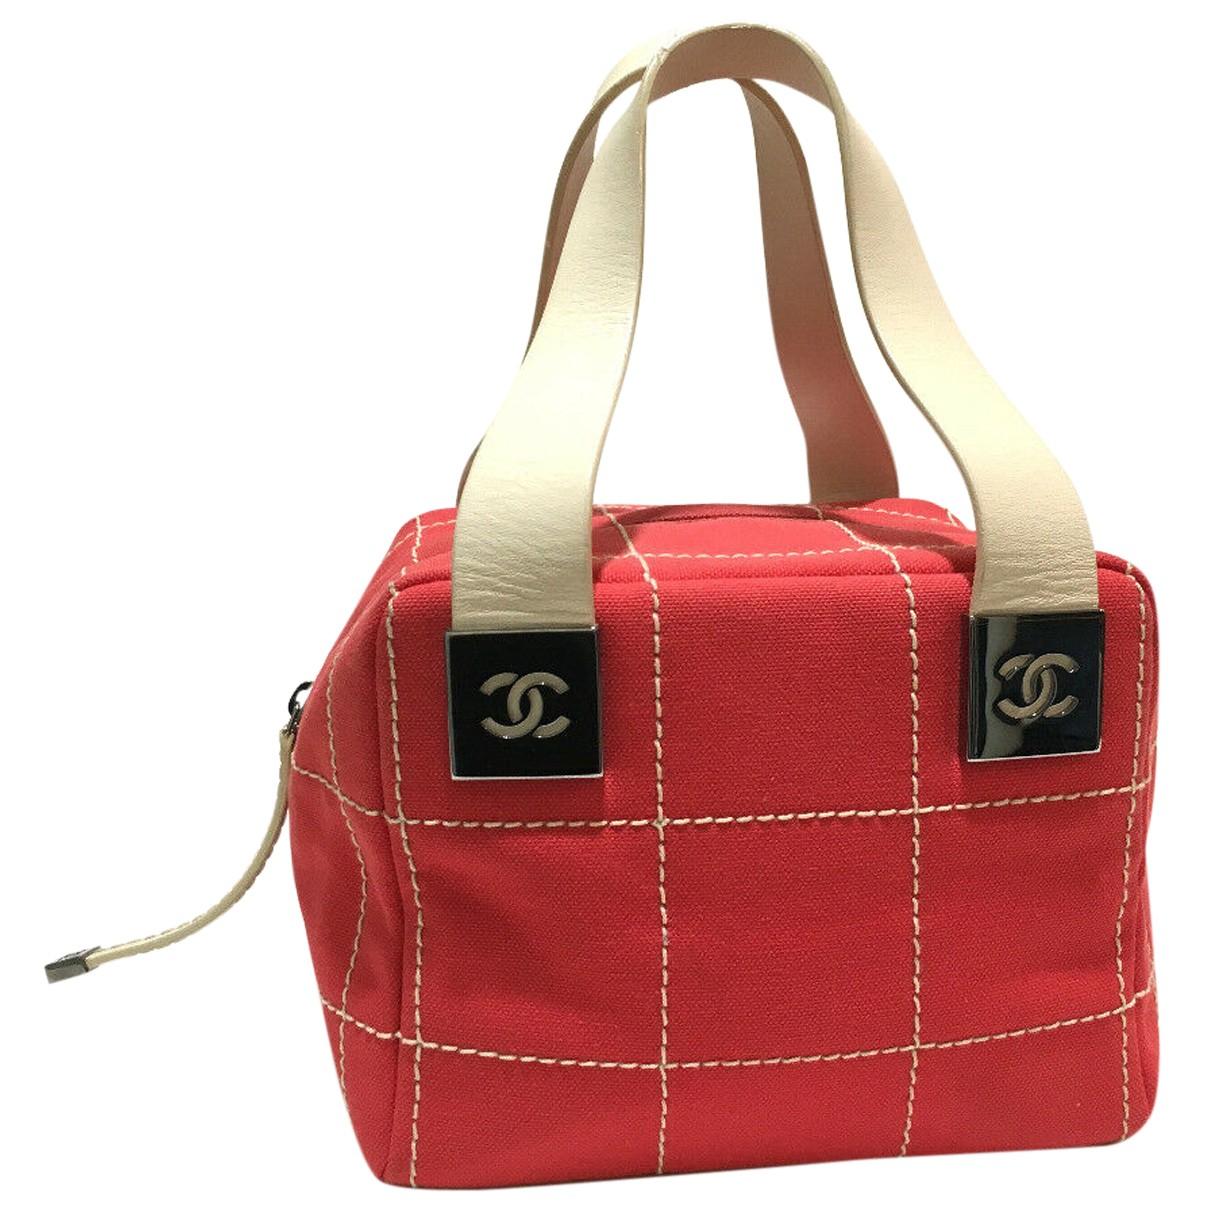 Chanel \N Handtasche in  Rot Leinen